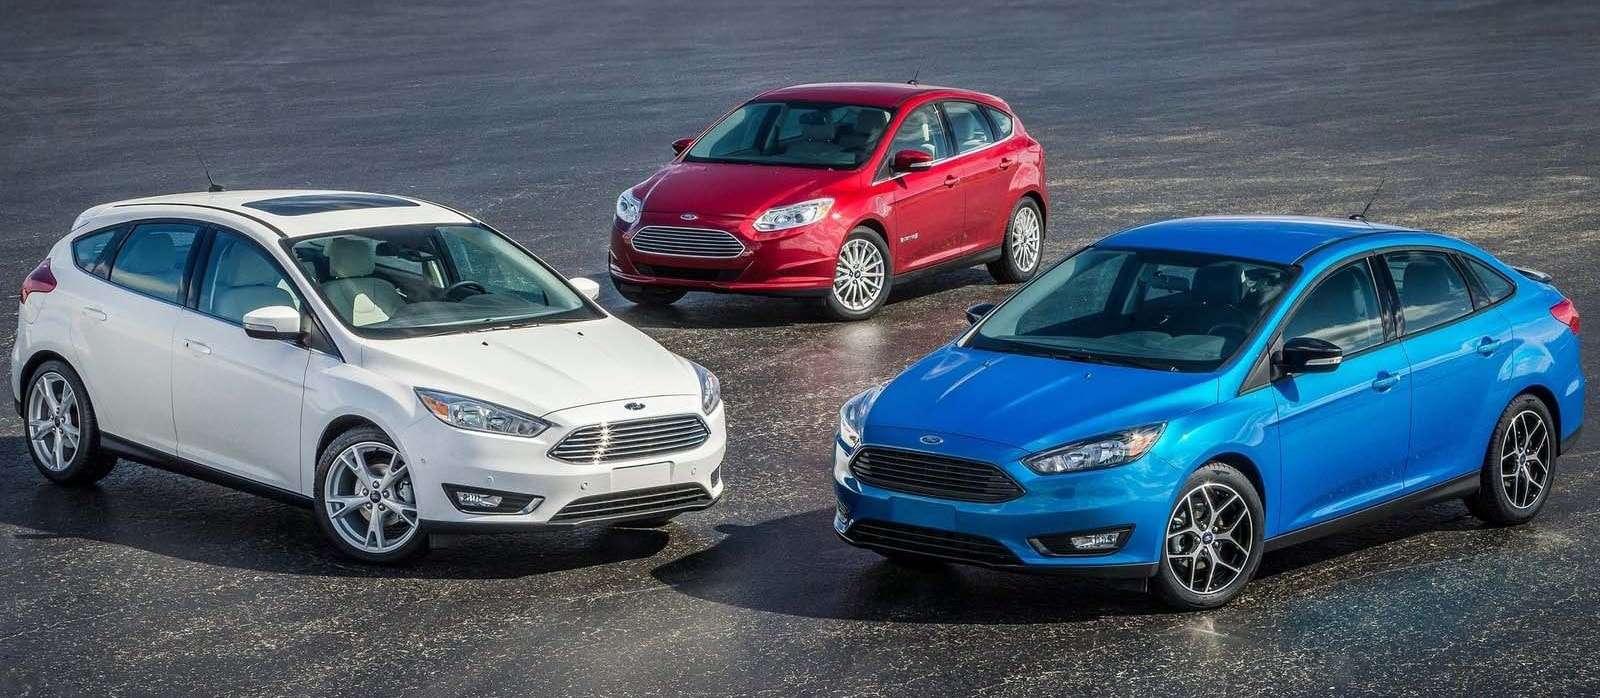 Автомобиль Ford Focus — Отражение Ваших возможностей   Автомобильный портал